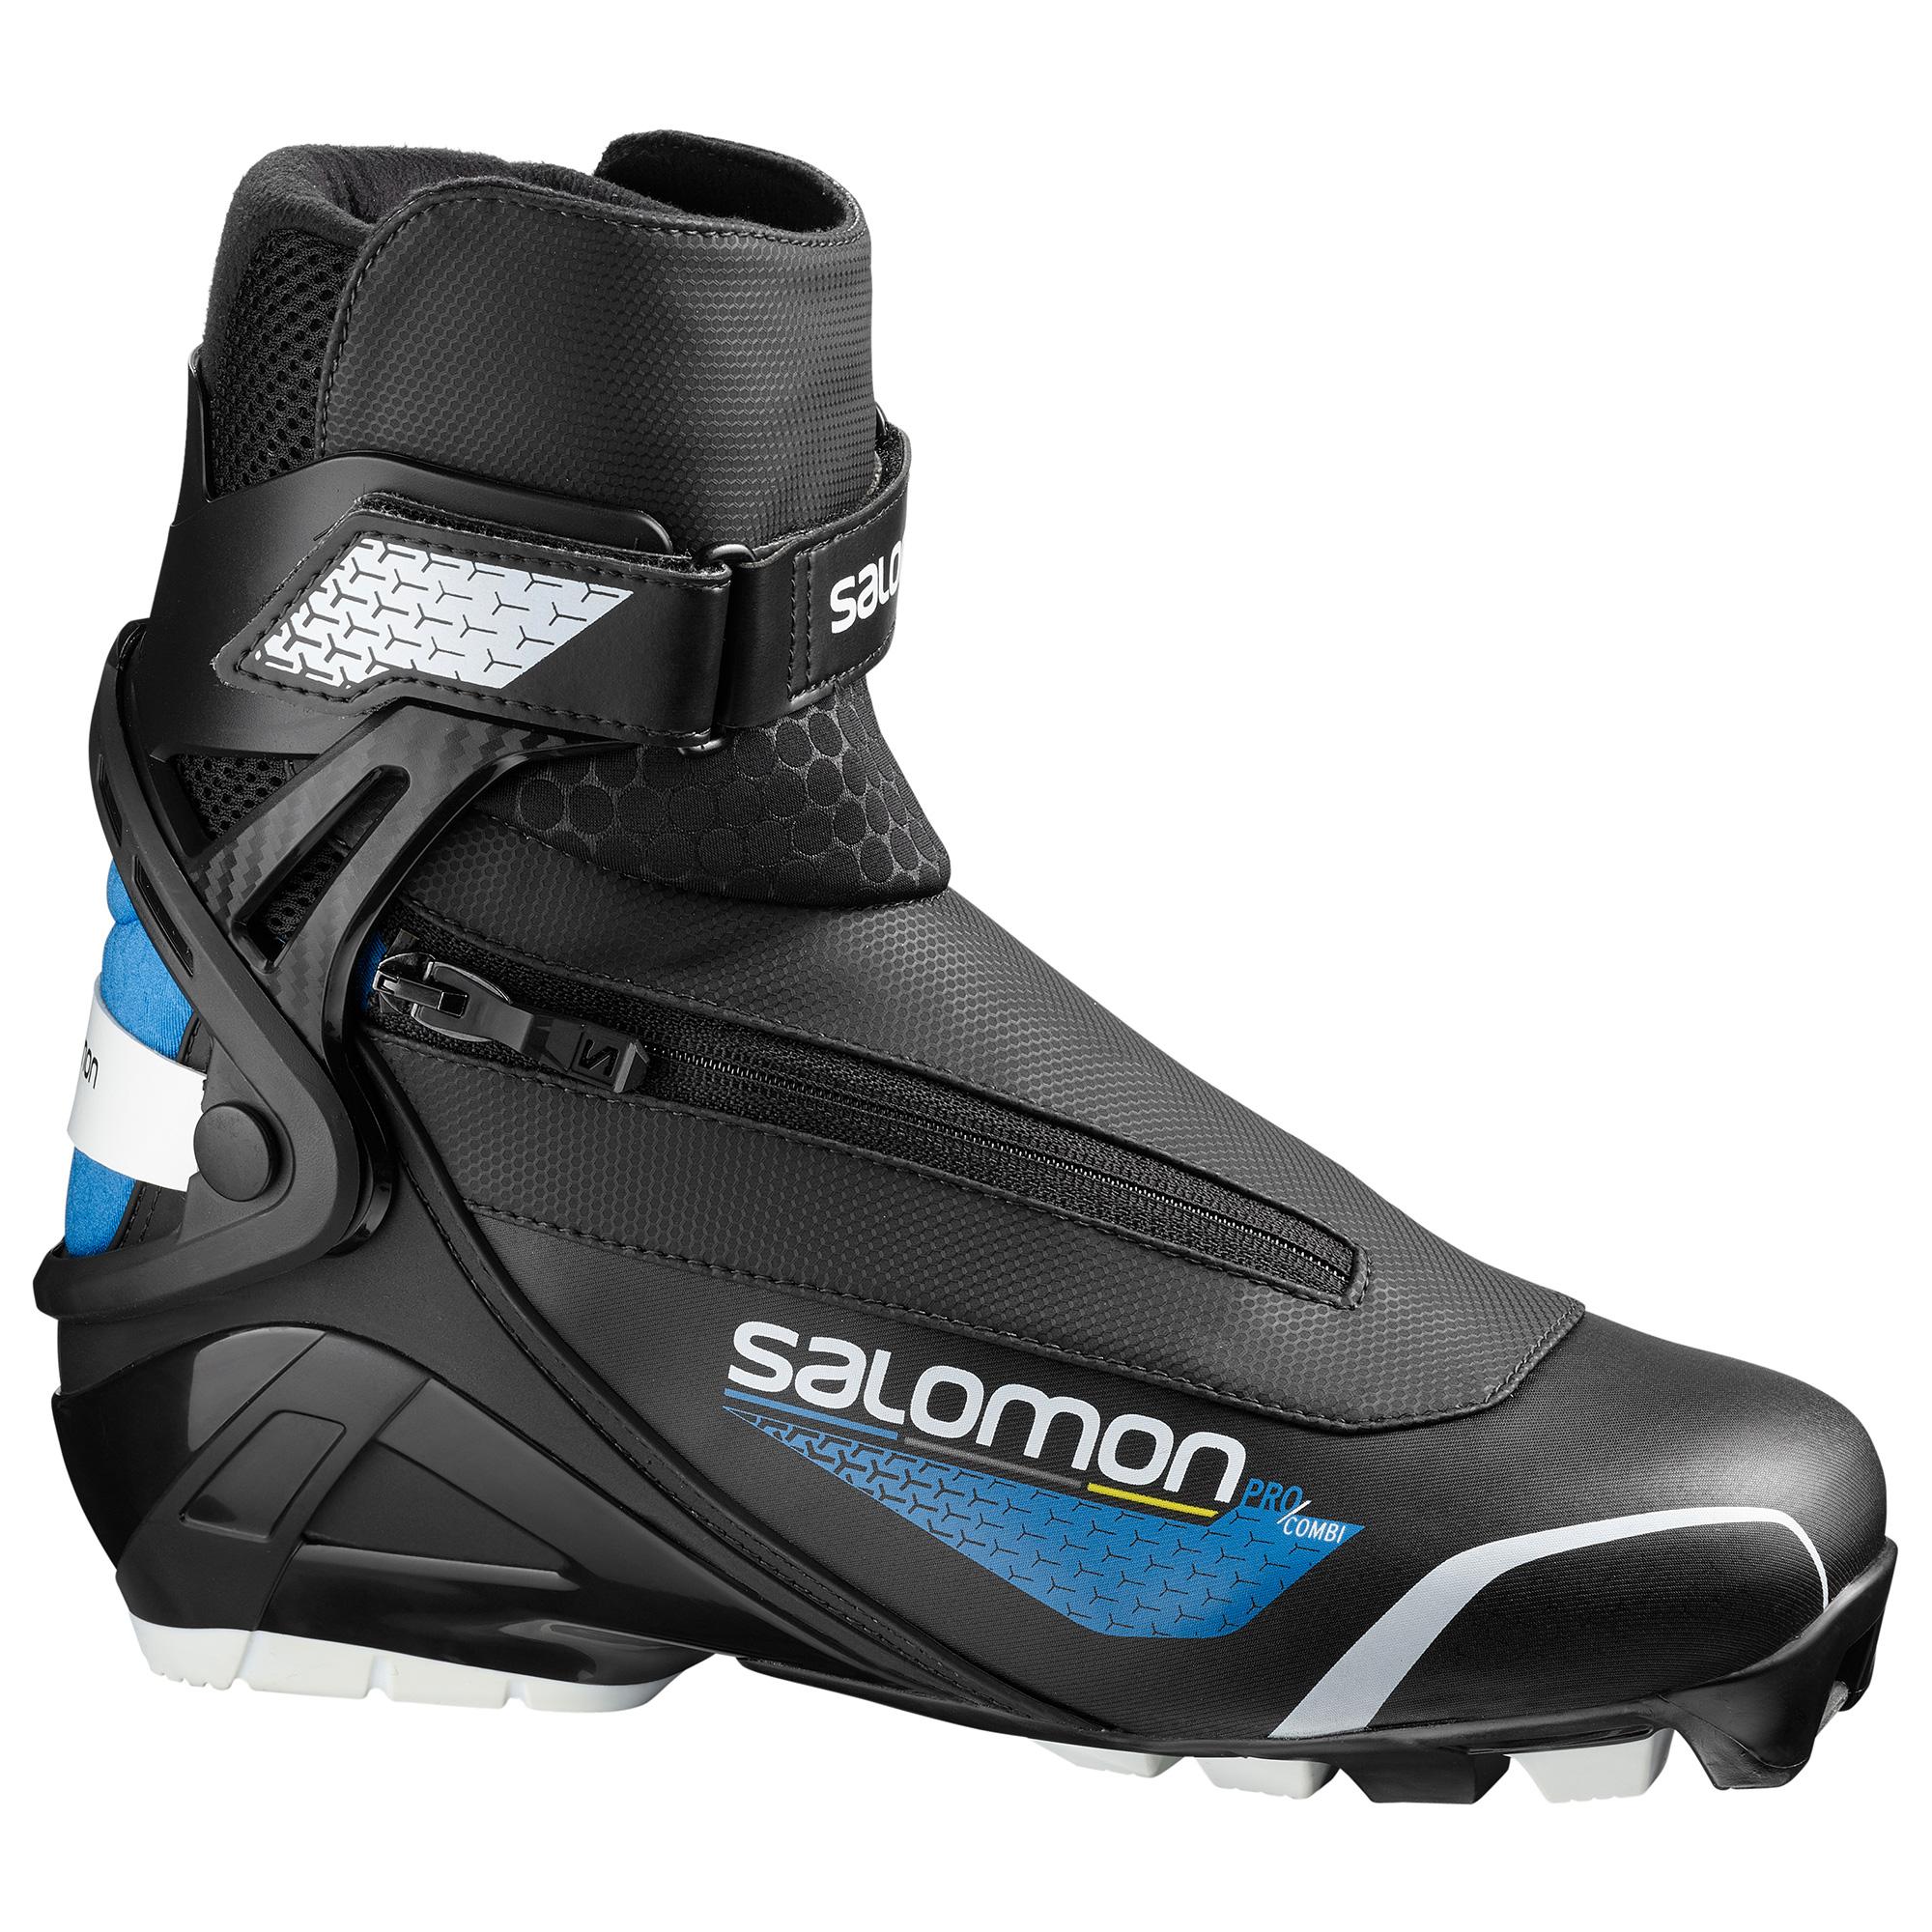 Boty na běžky Salomon Pro Combi Pilot SNS 18 19 42b47d8798